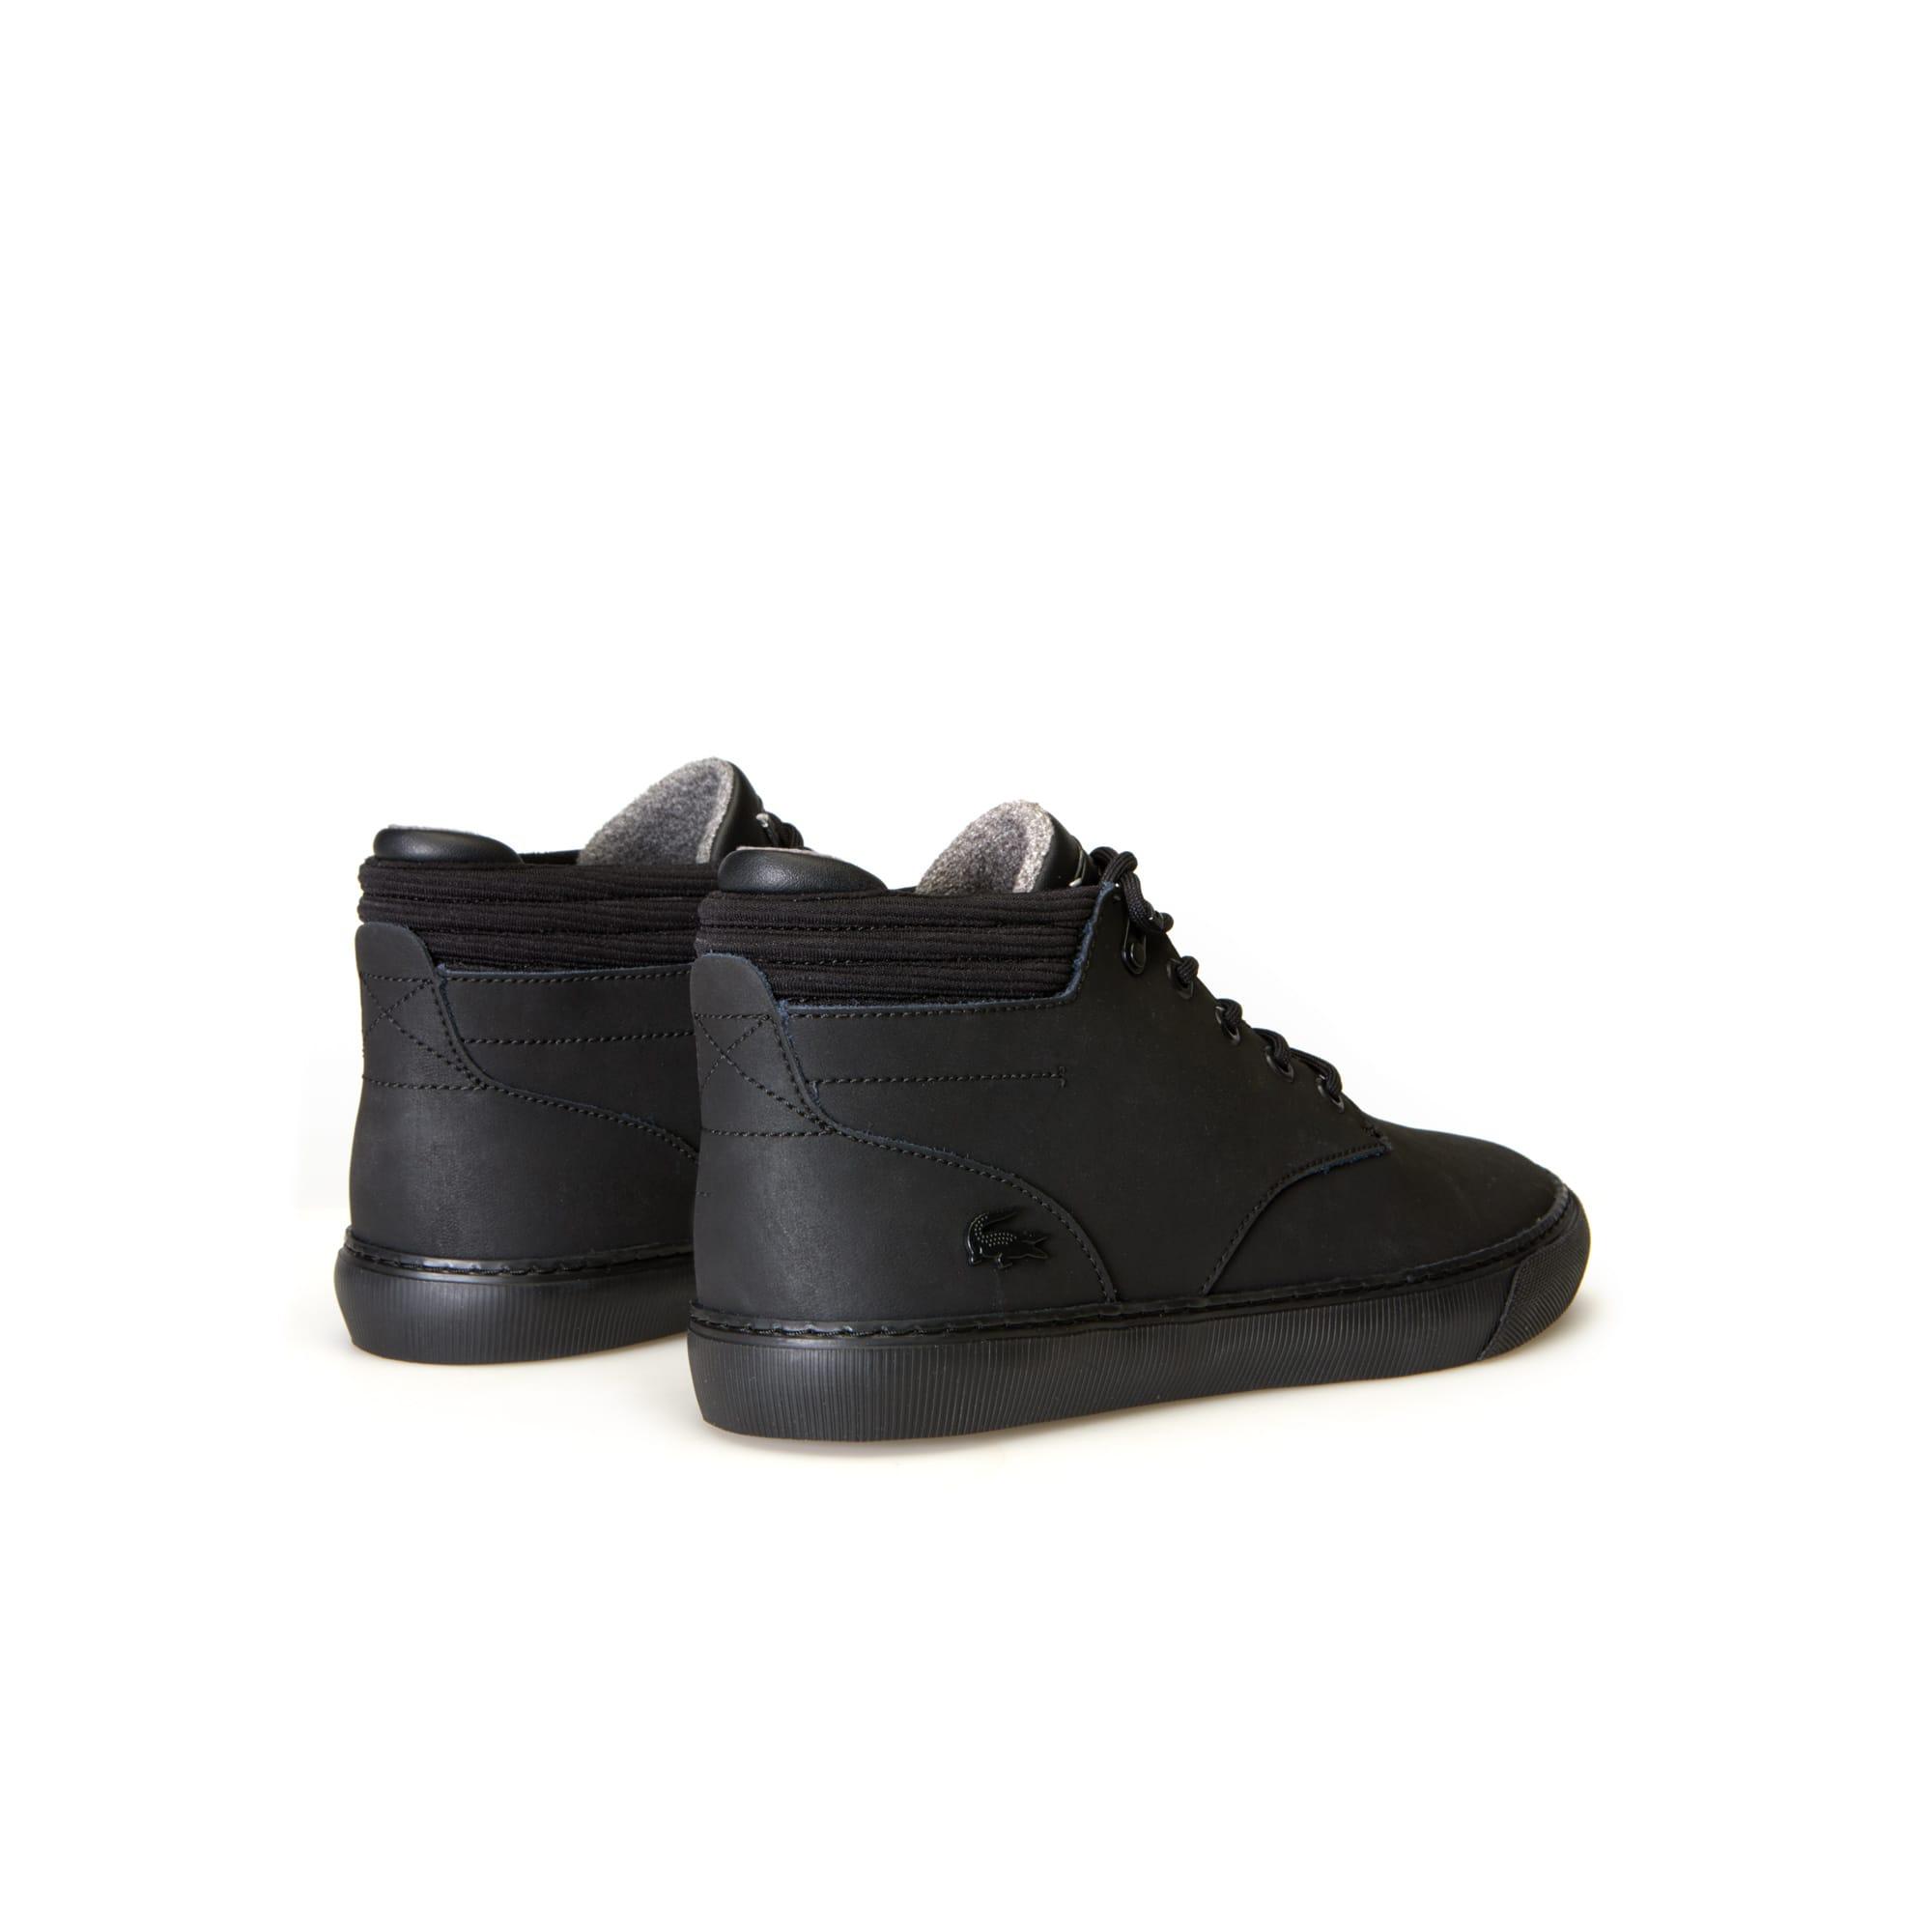 Lacoste - Zapatillas bota de hombre Esparre Winter de piel - 3